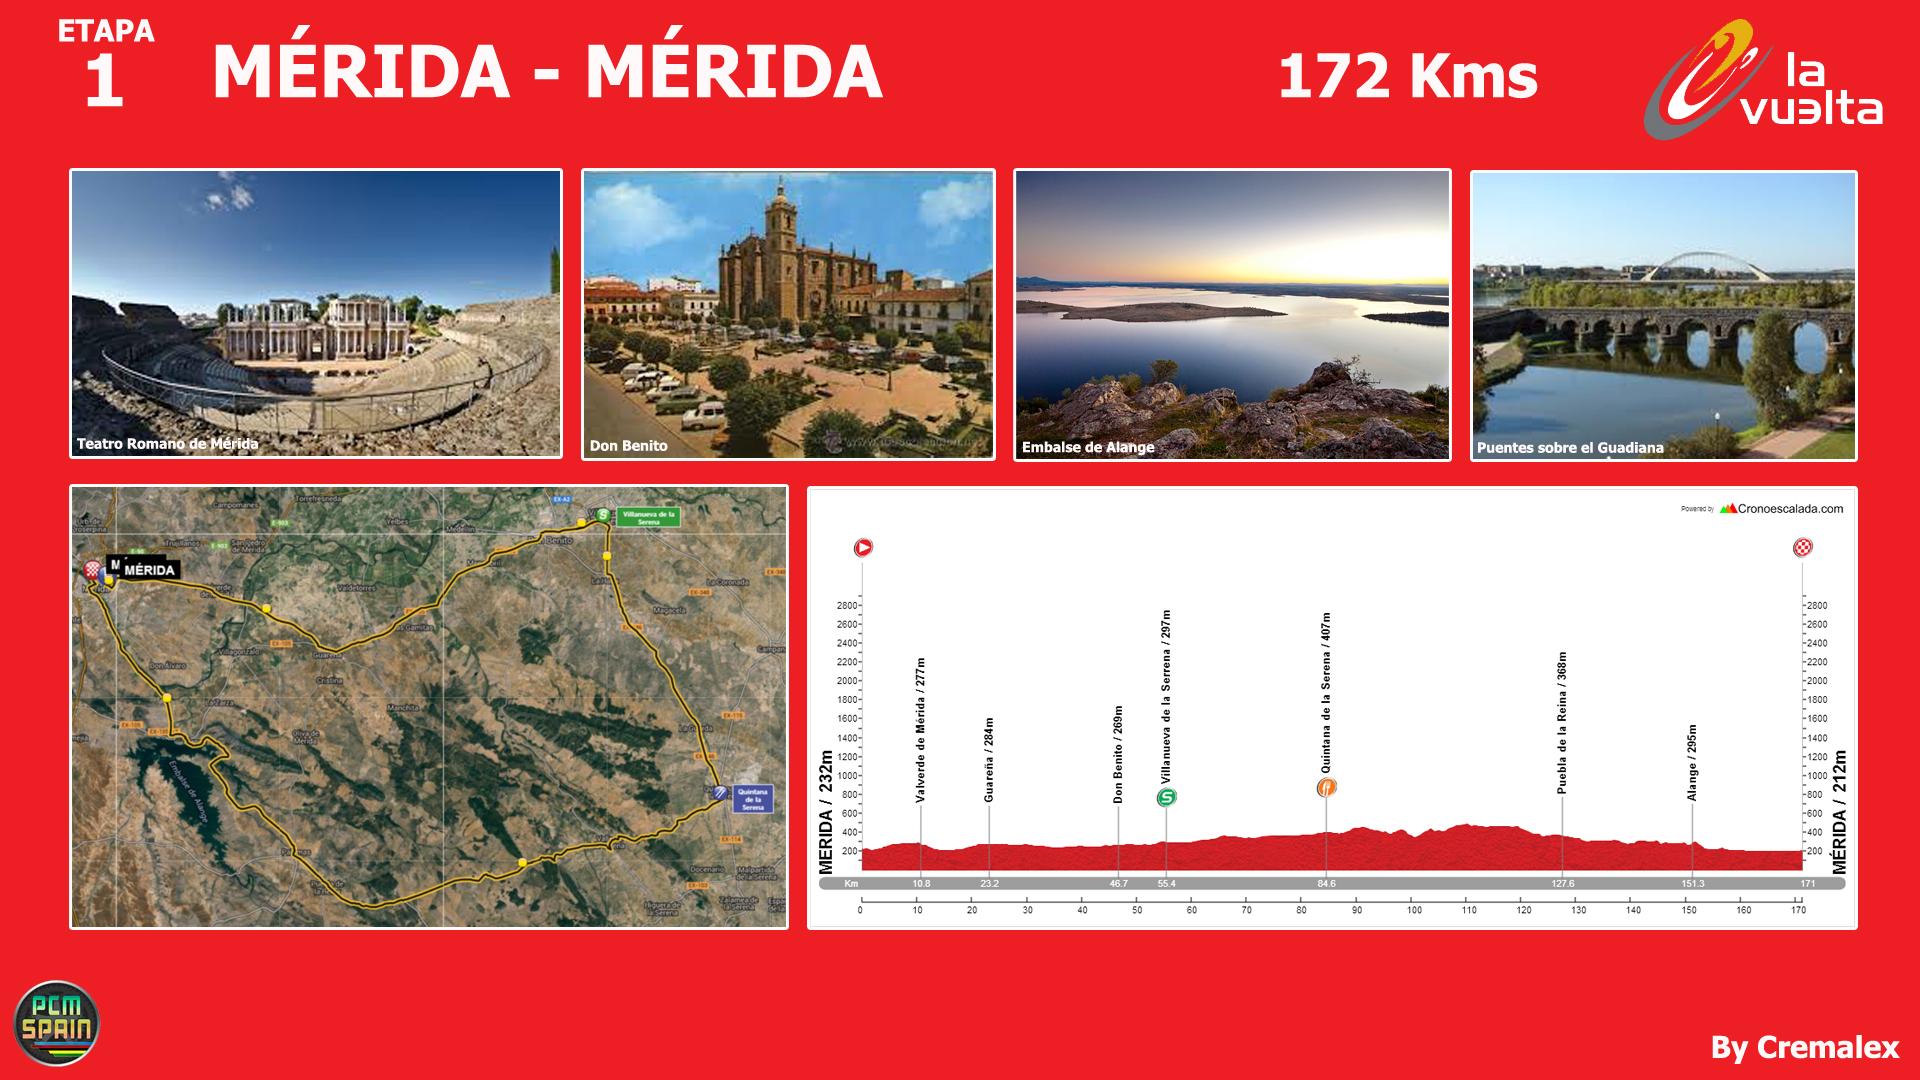 Concurso Vuelta a España 2015 - Página 6 961672Etapas01